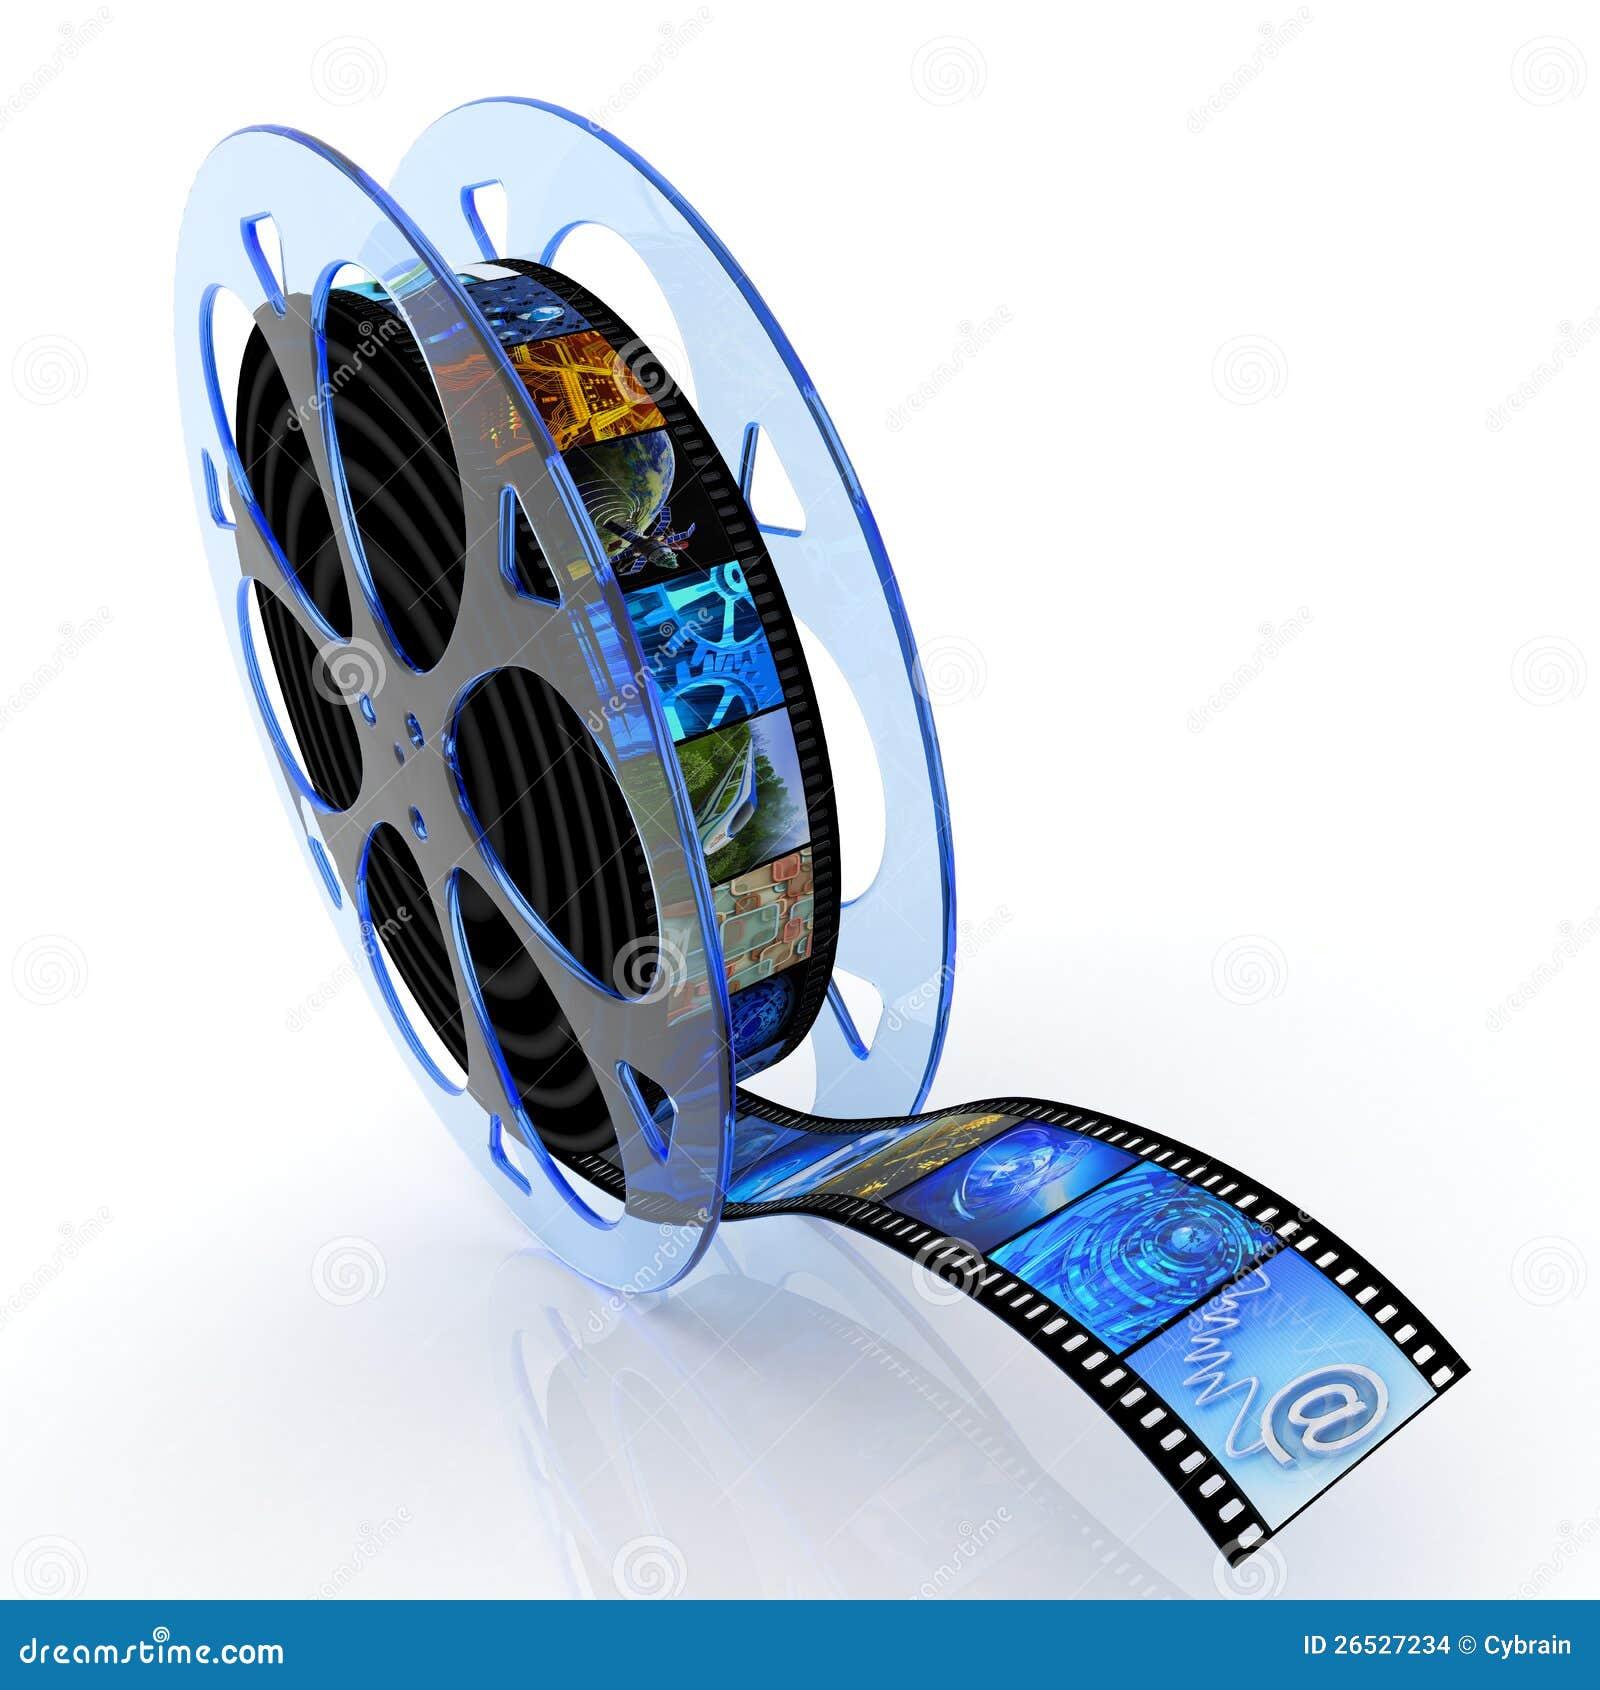 reel to reel movie times